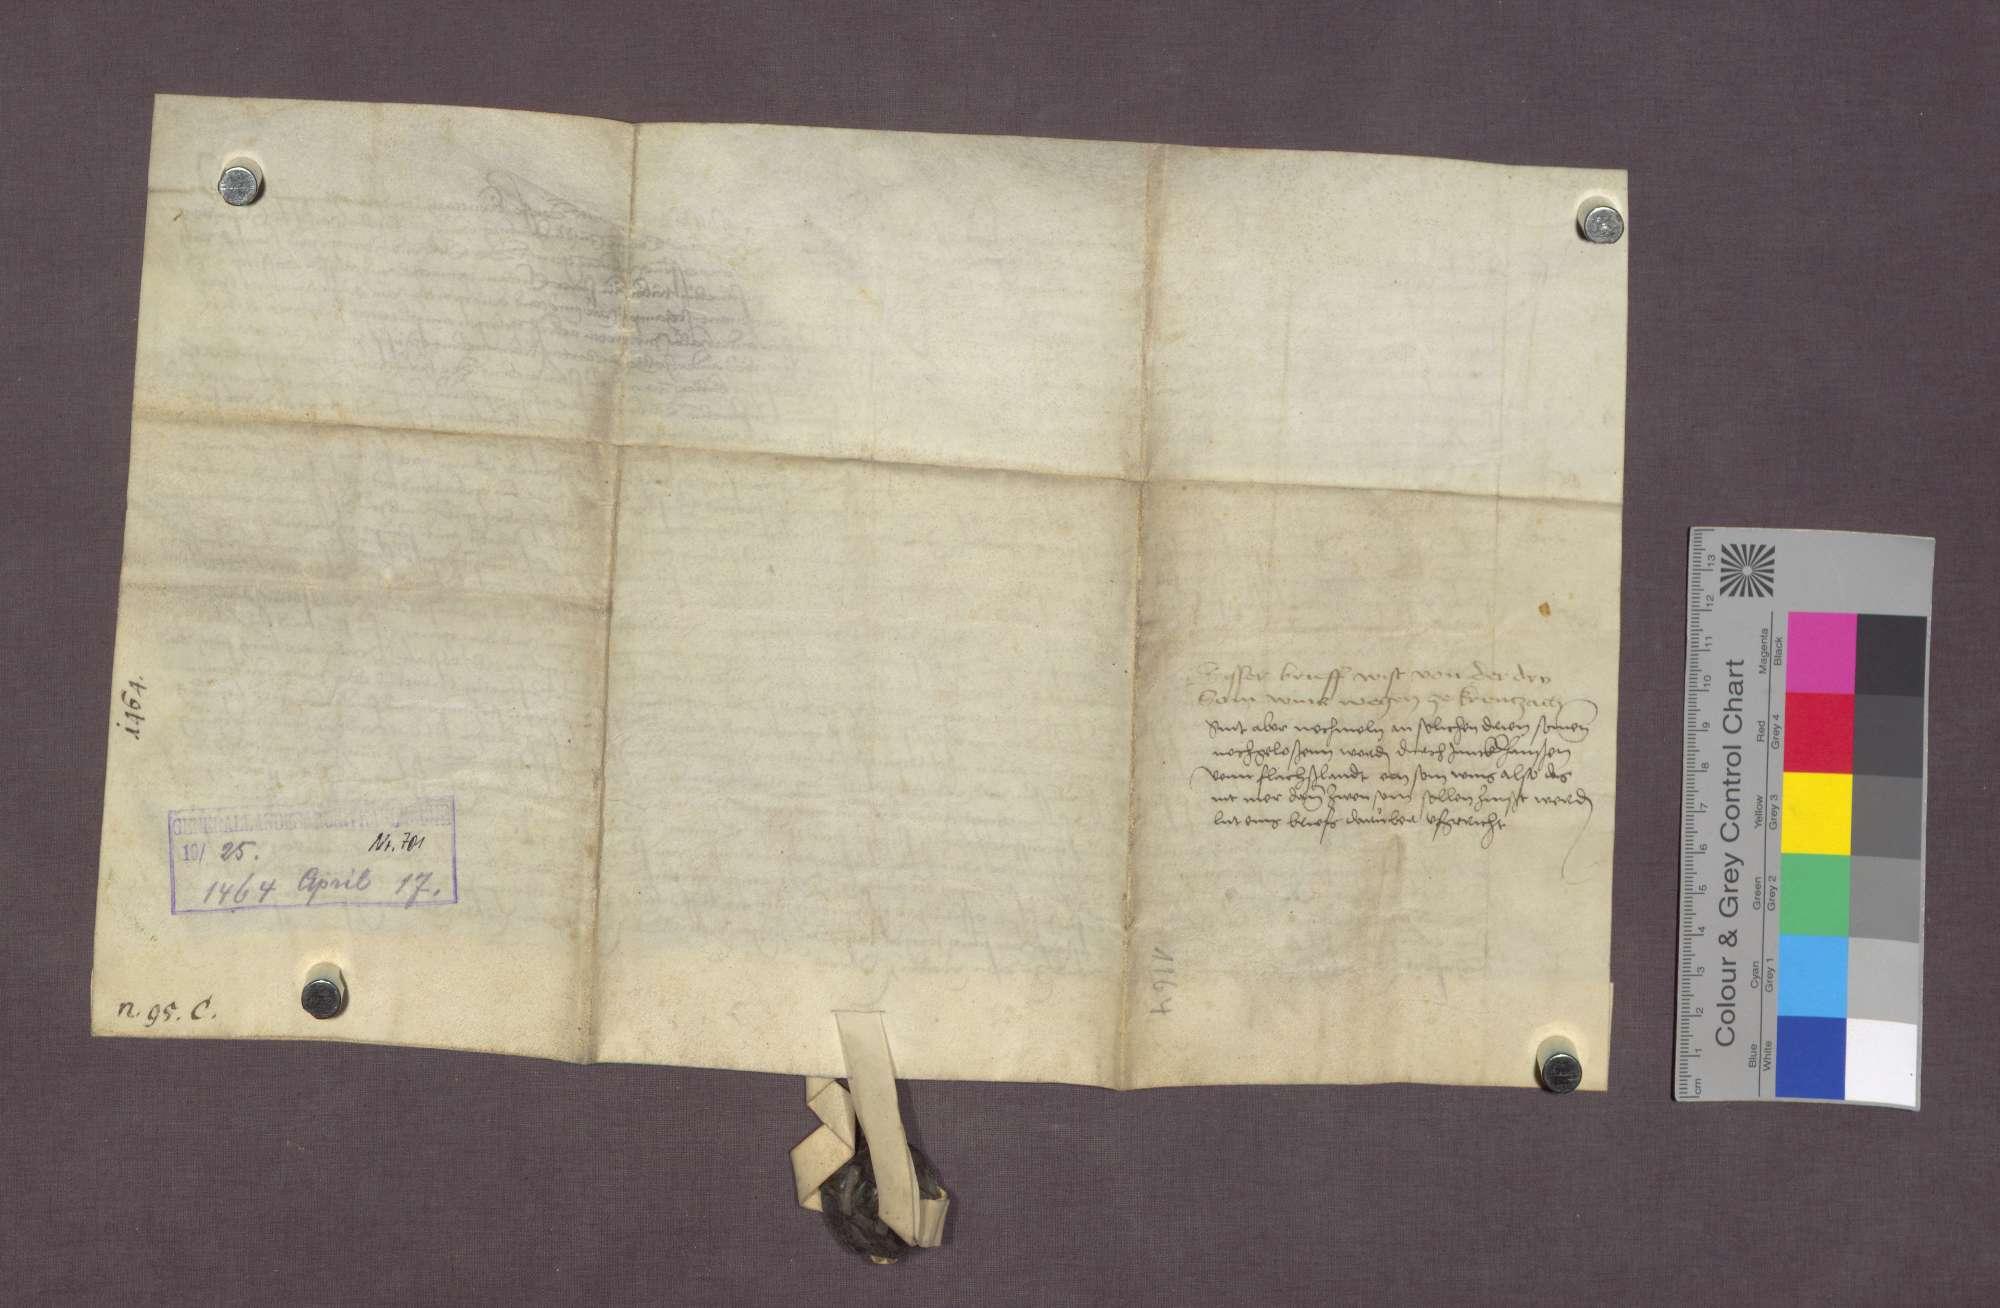 Ritter Hans von Flachslanden überträgt als Ehemann der Susanna Tribock dem Heinrich Schampy (Heini Tzamzi) von Grenzach mehrere Güter gegen Entrichtung einer Gült., Bild 2